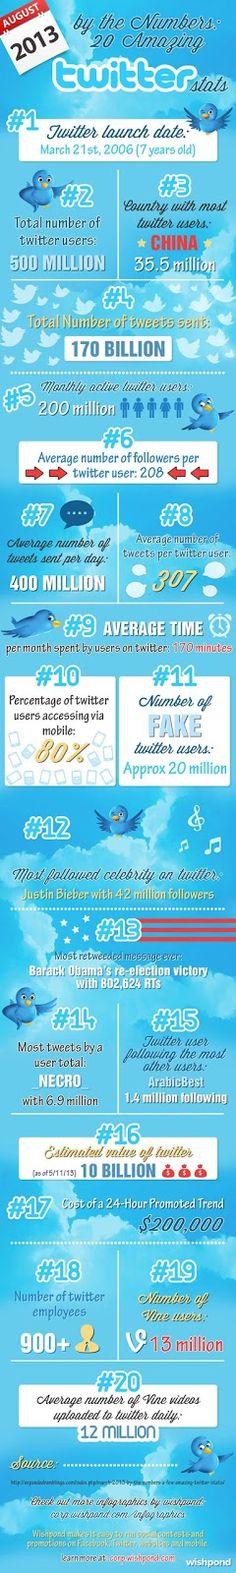 20 estadísticas asombrosas de Twitter en una infografía